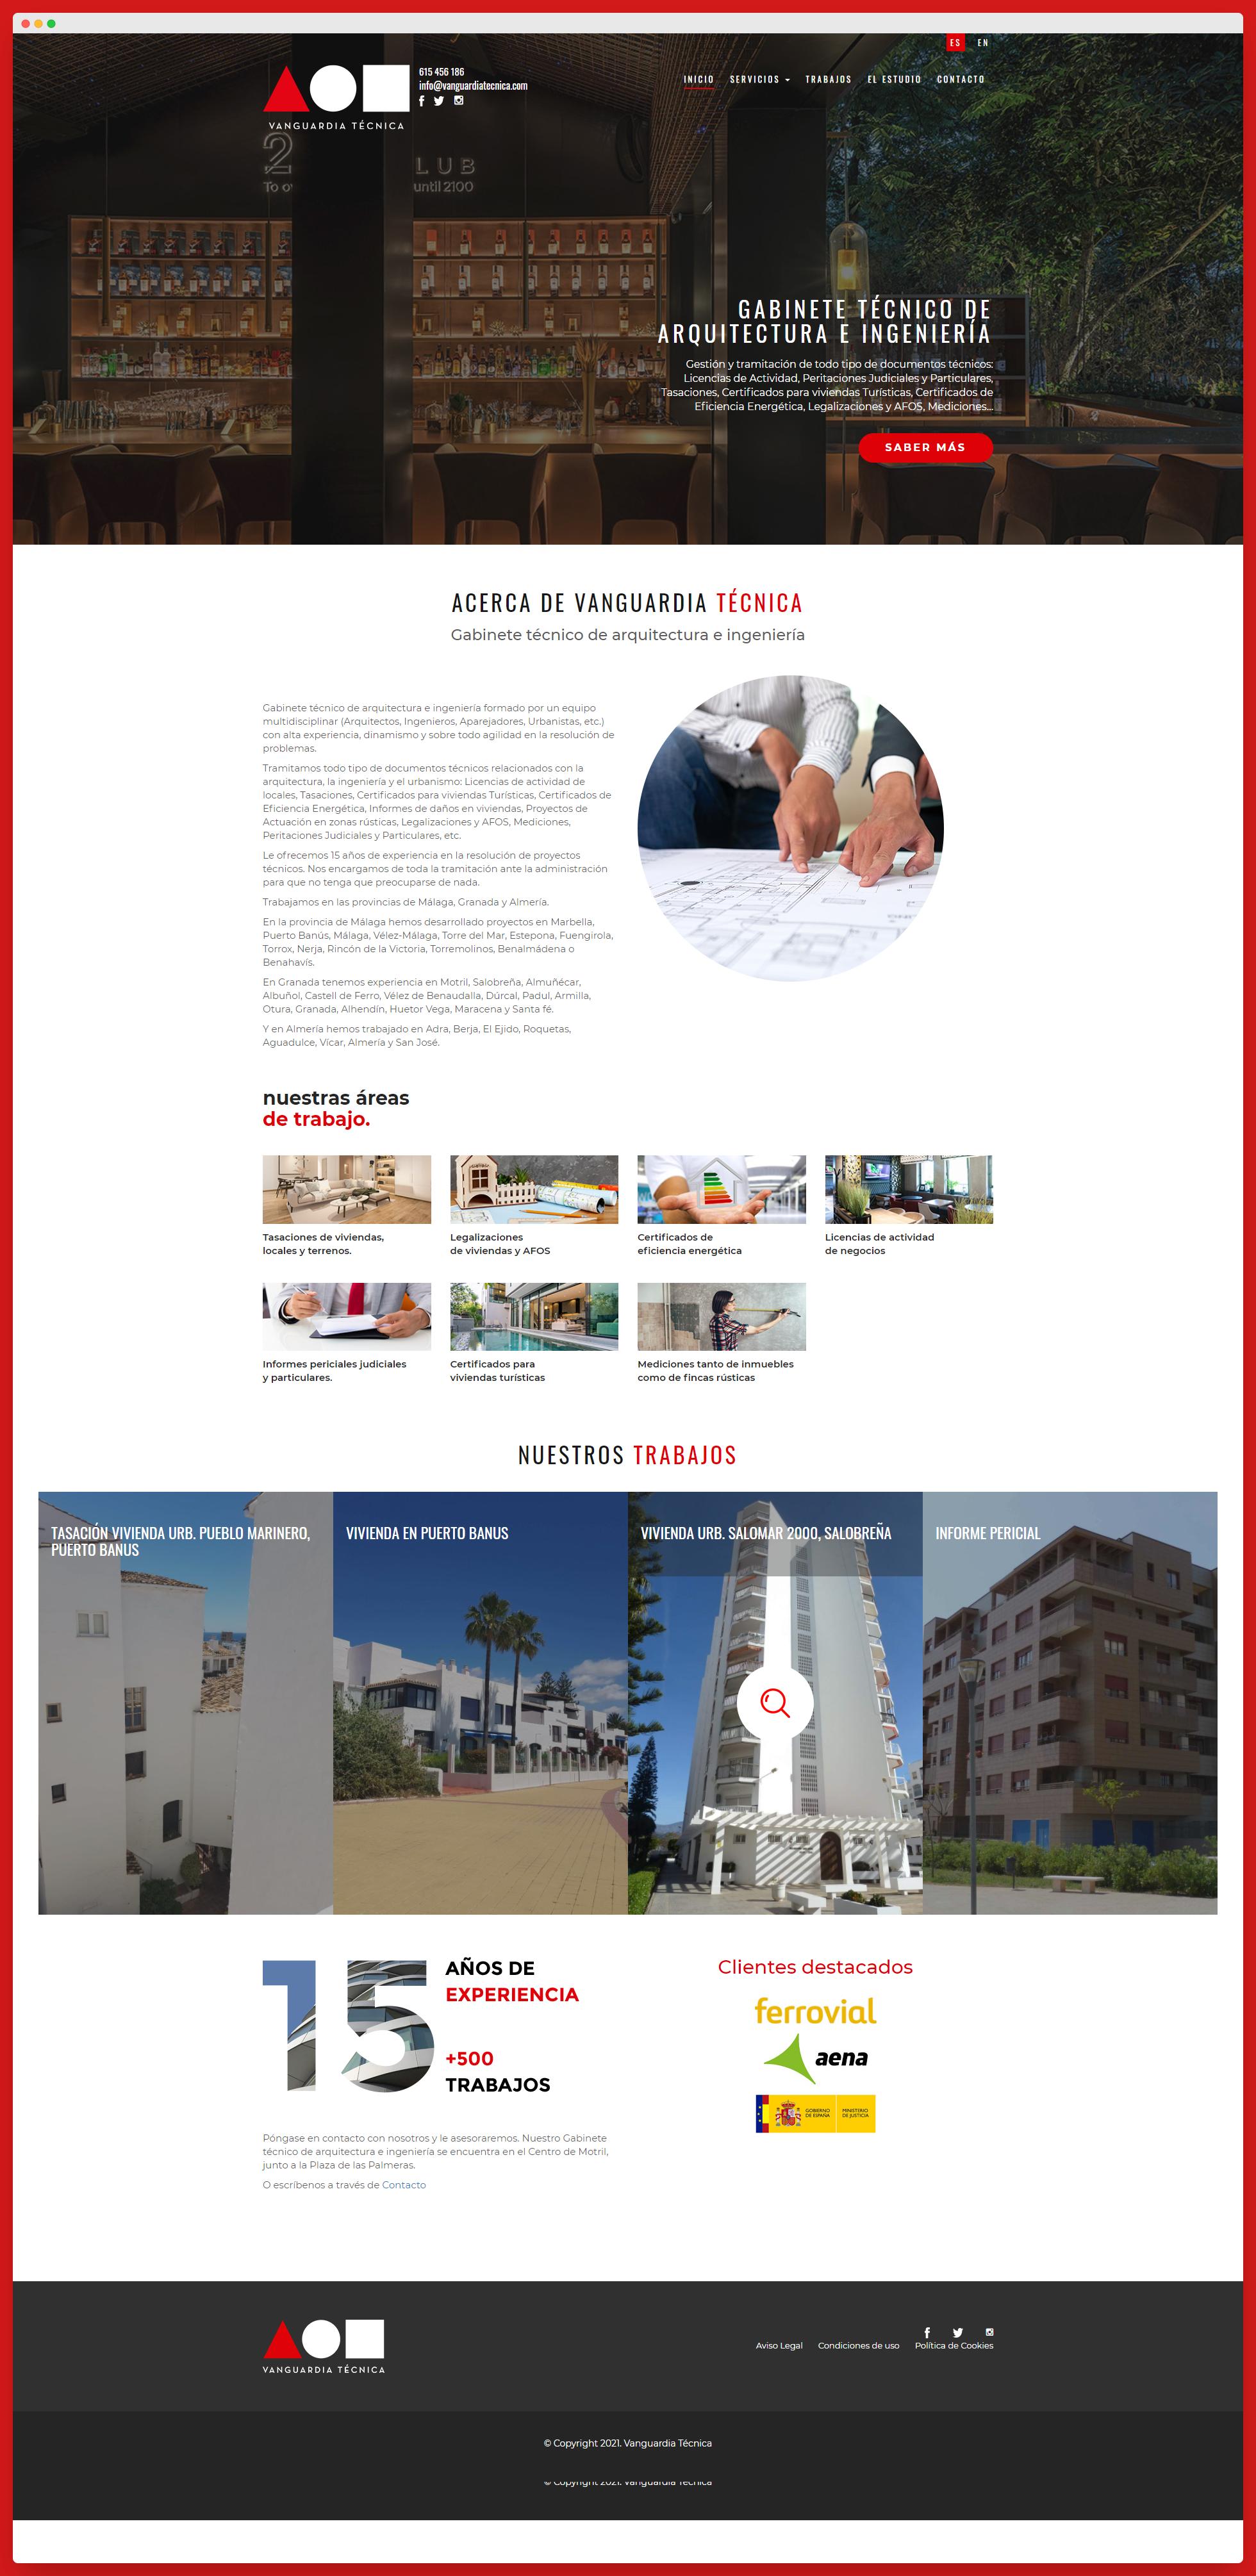 Imagen adicional 3 del proyecto Vanguardia Técnica